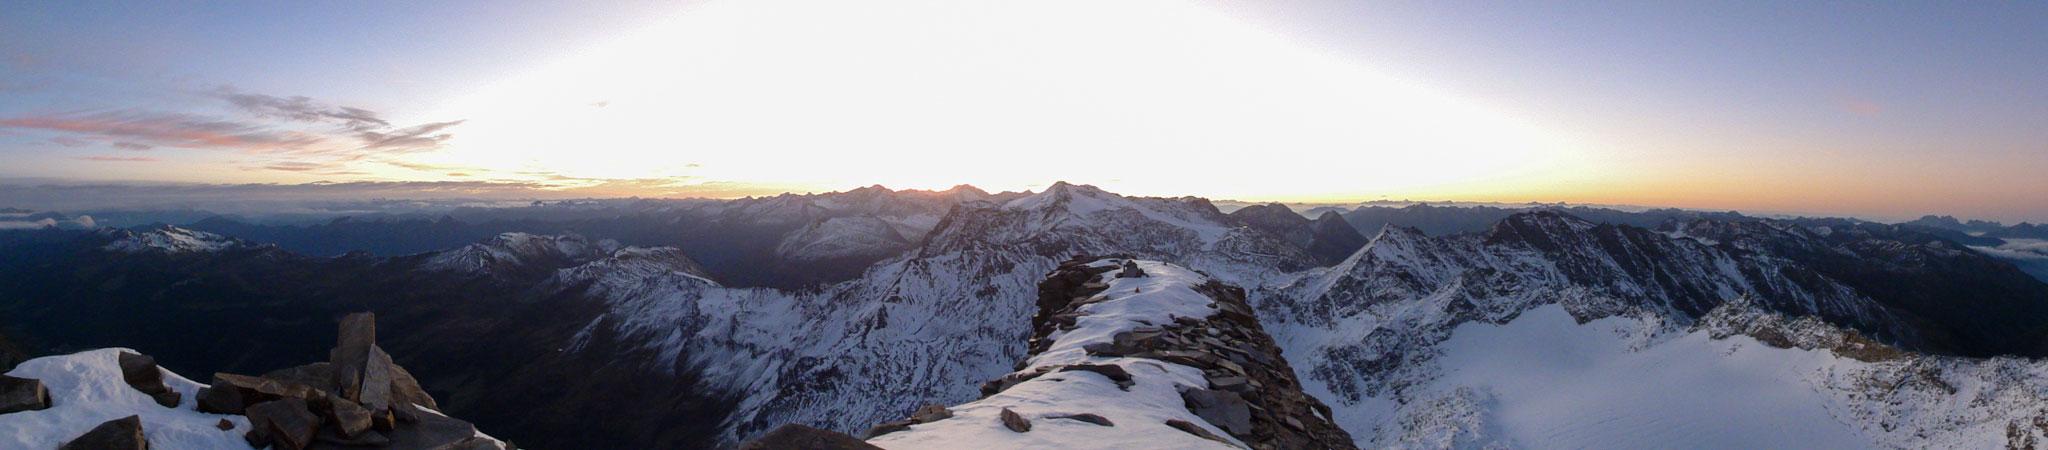 Arnoweg: Panorama in den Morgenstunden vom Hohen Sonnblick Richtung Osten